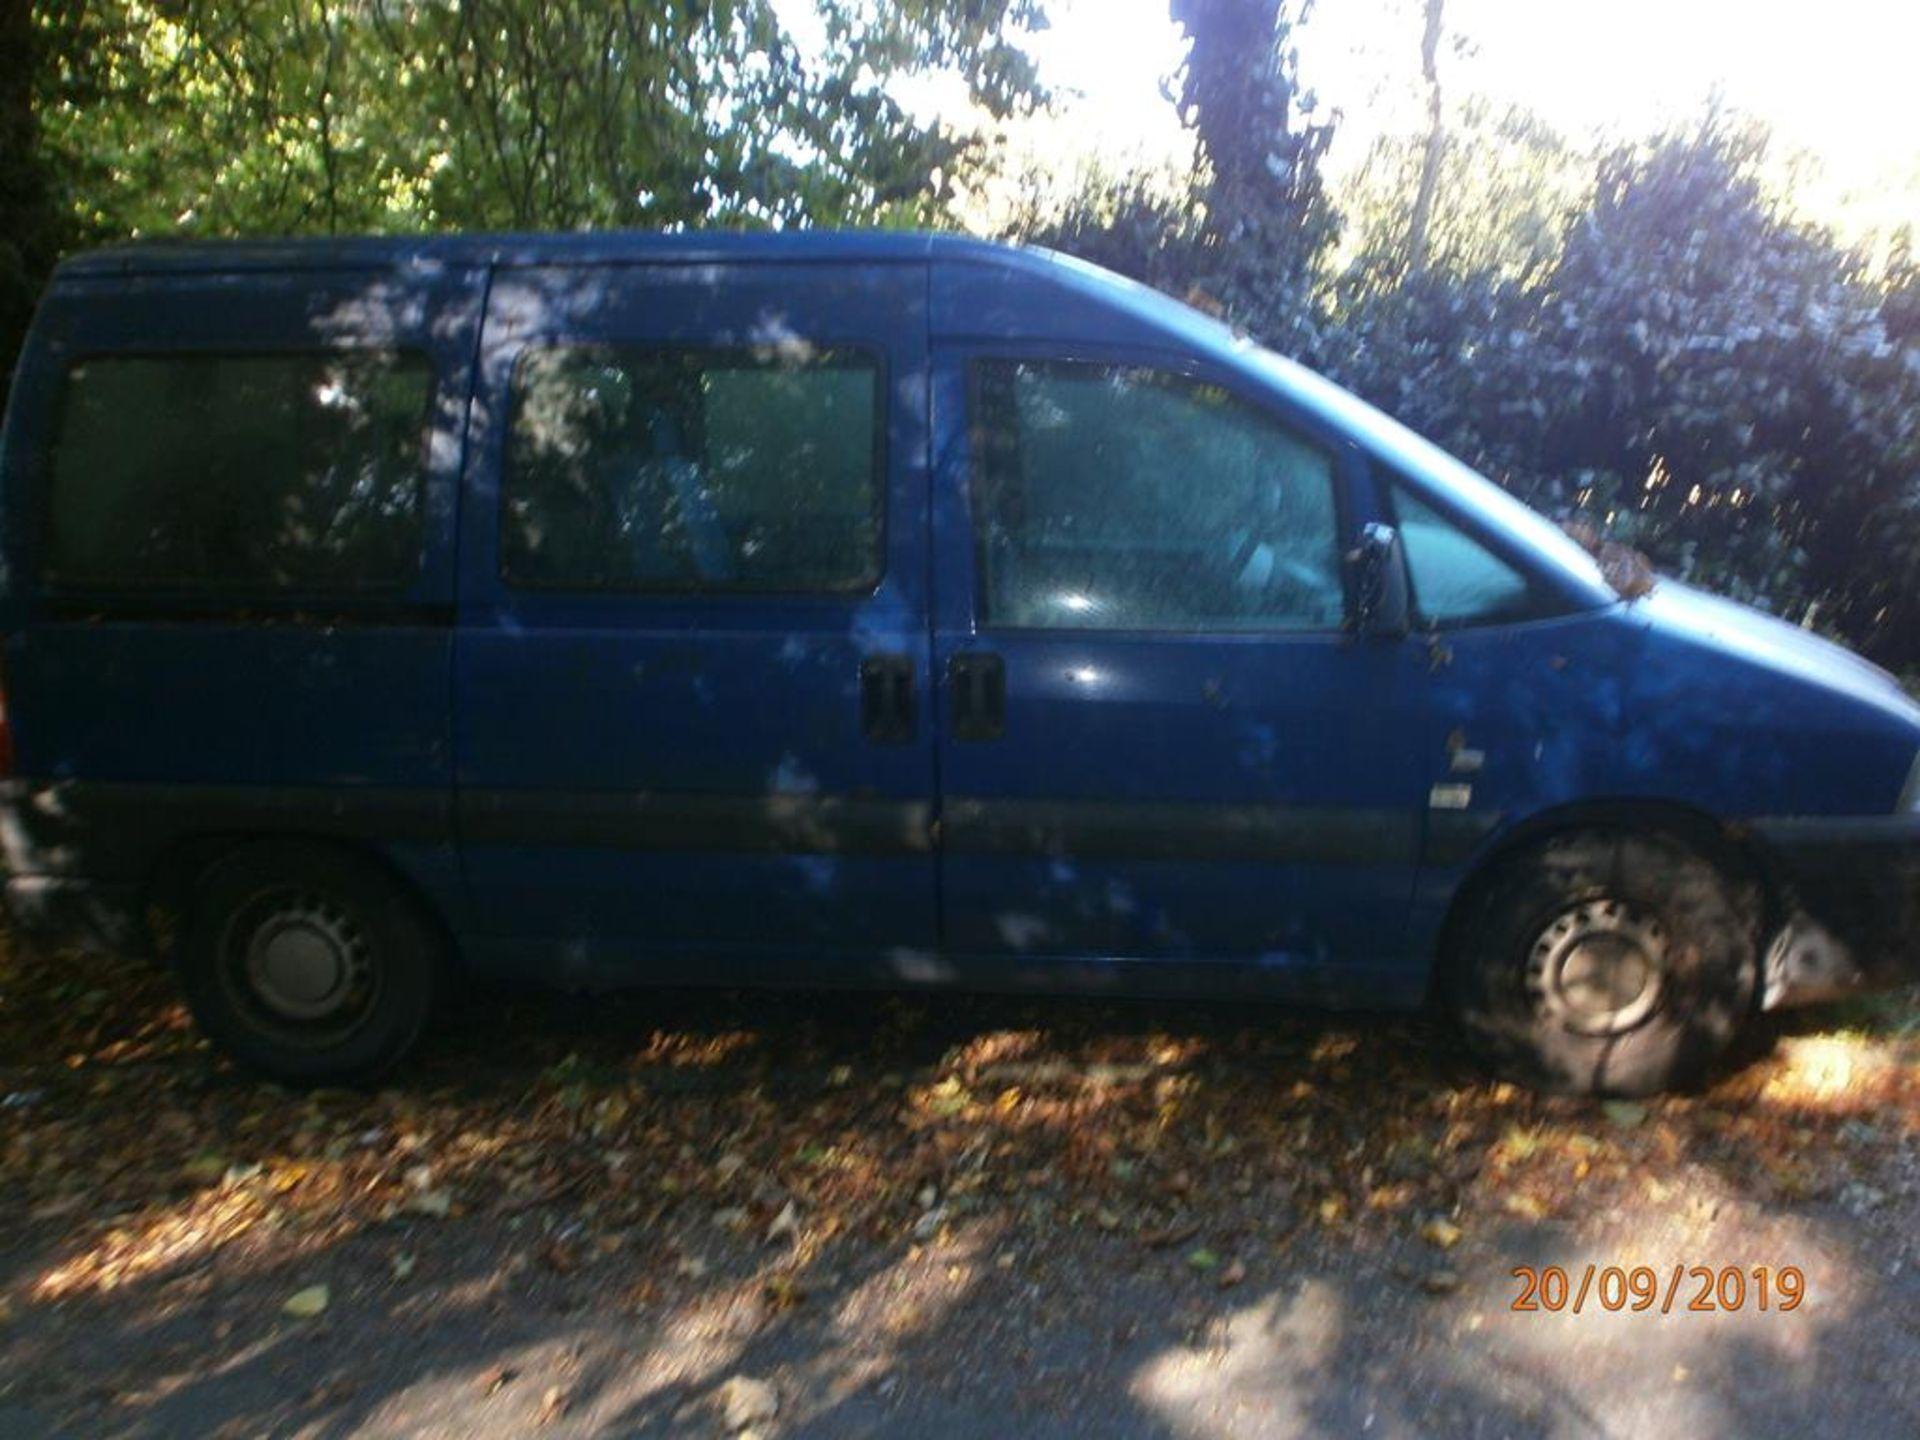 Lot 11 - Fiat Scudo 1.8D Van